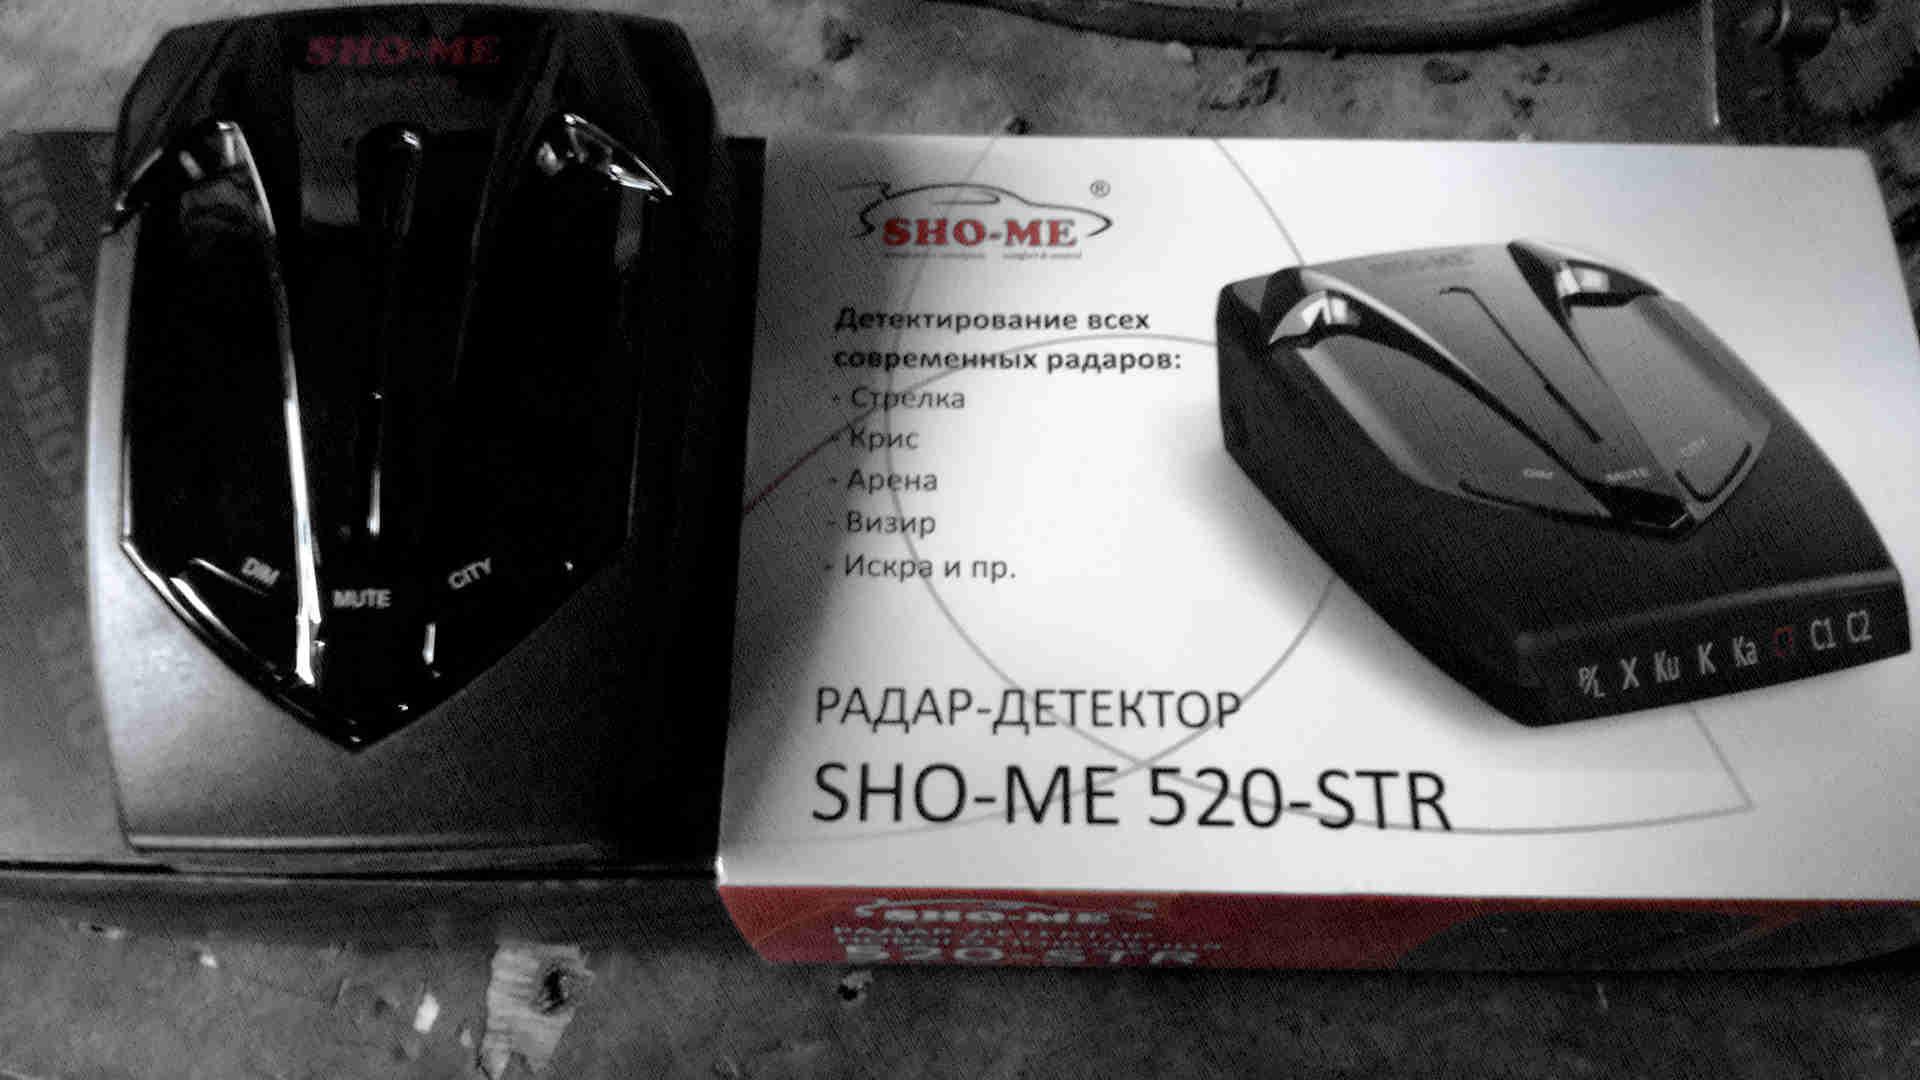 какой лучше в 2019 году - SHO-ME 520-STR